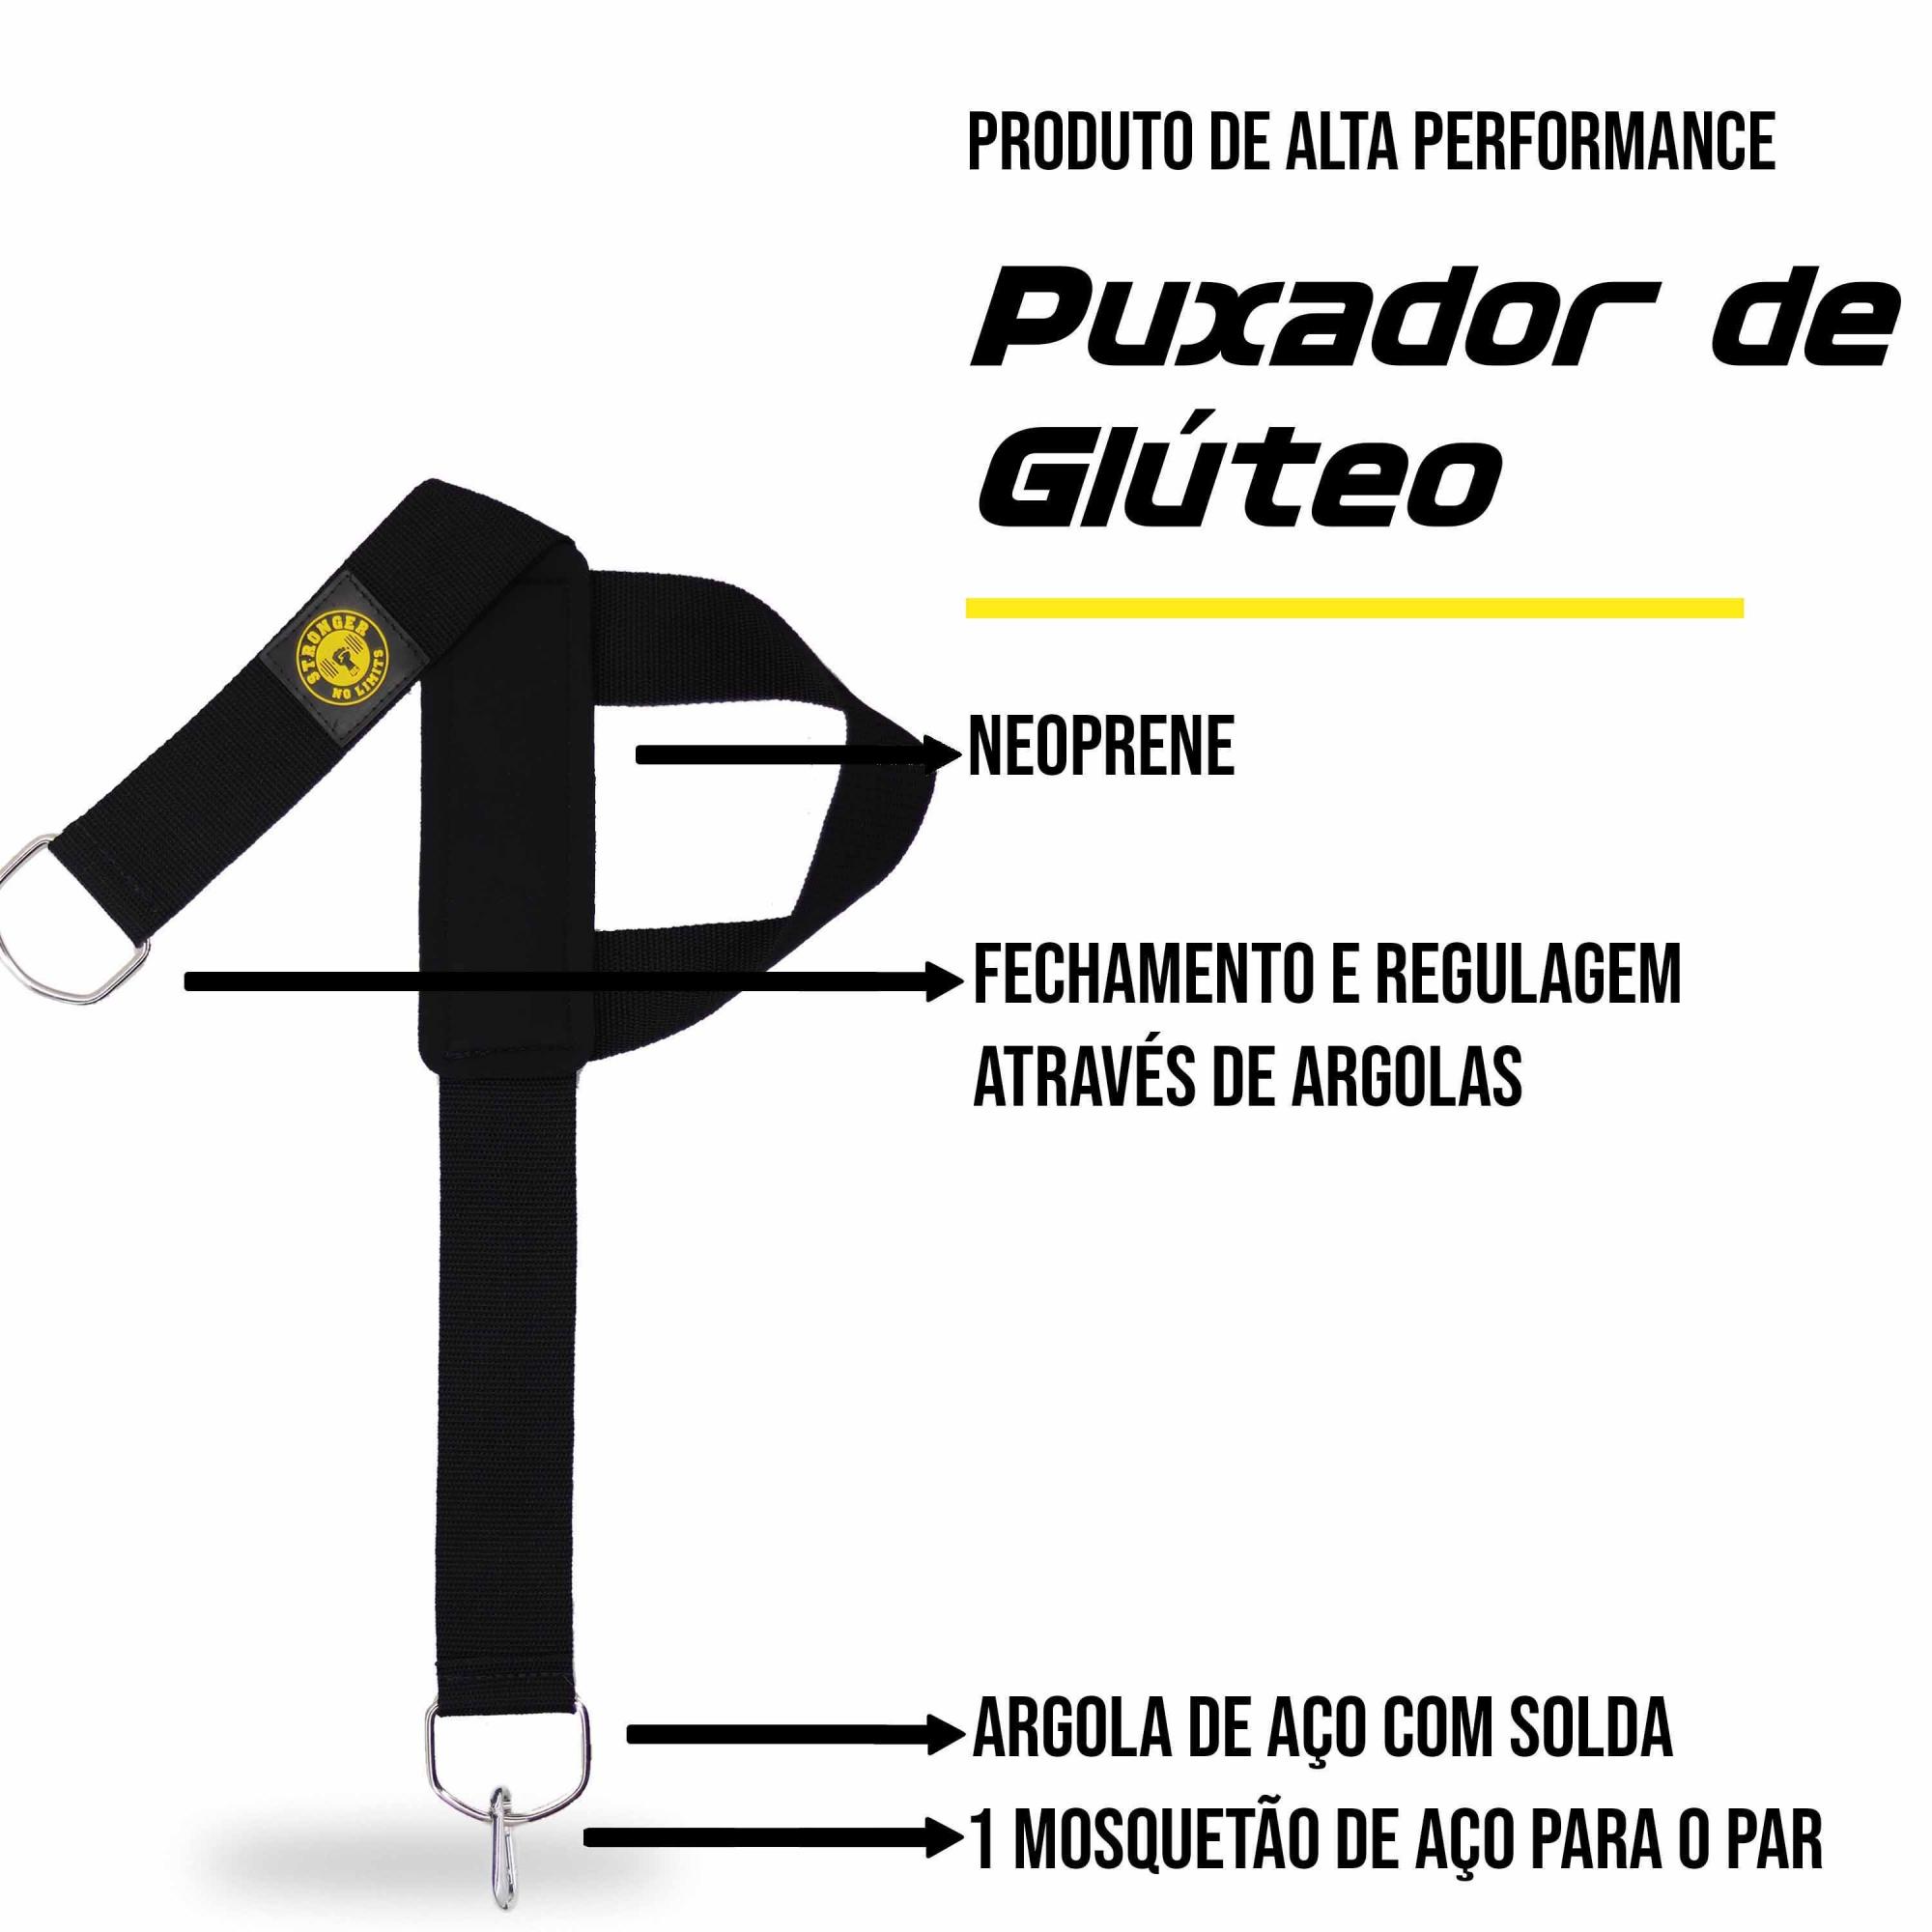 Puxador de gluteo - Argola